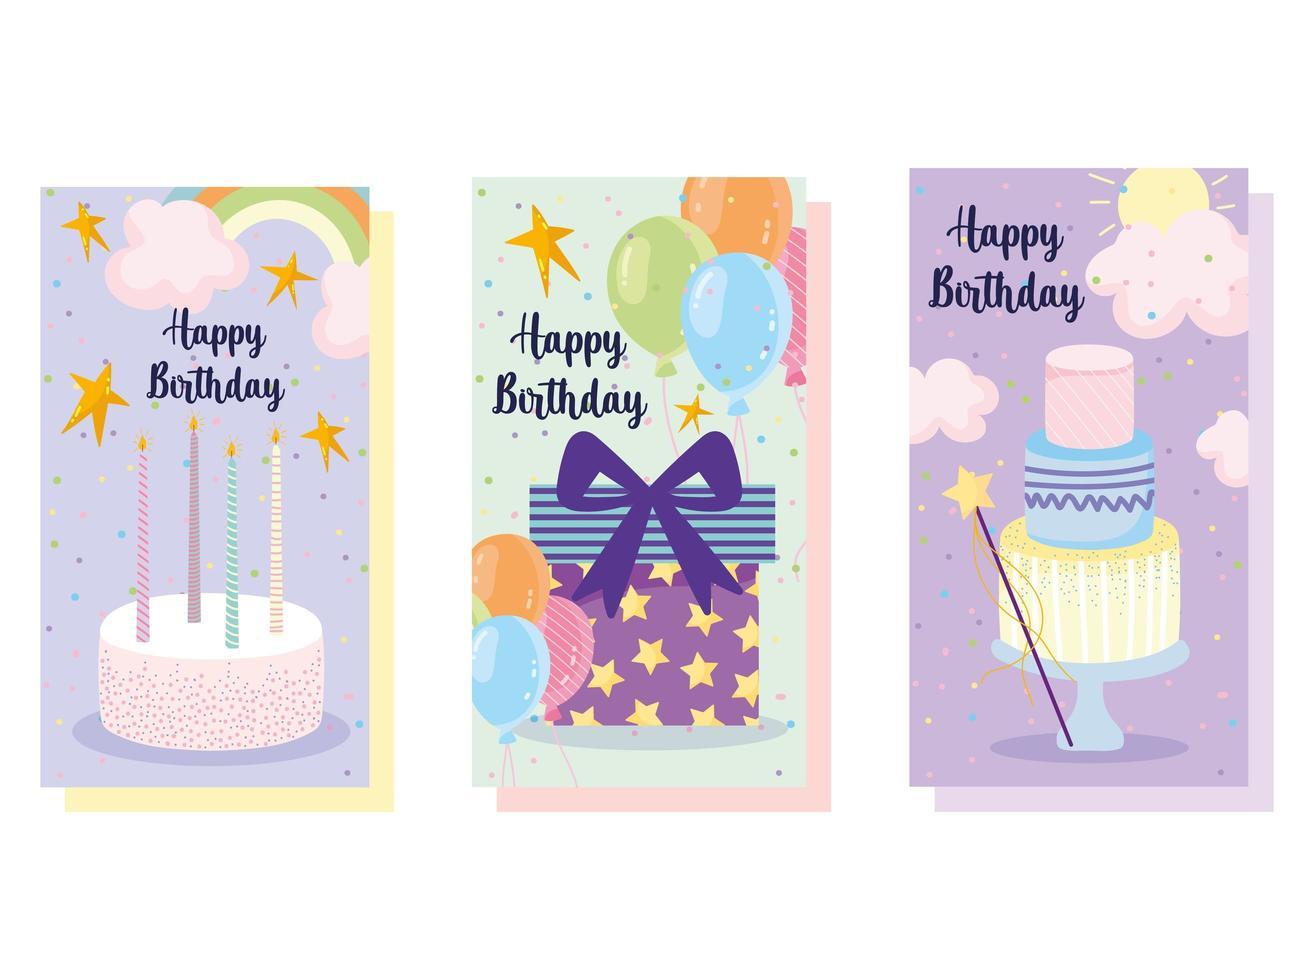 Alles Gute zum Geburtstag Kuchen Luftballons vektor